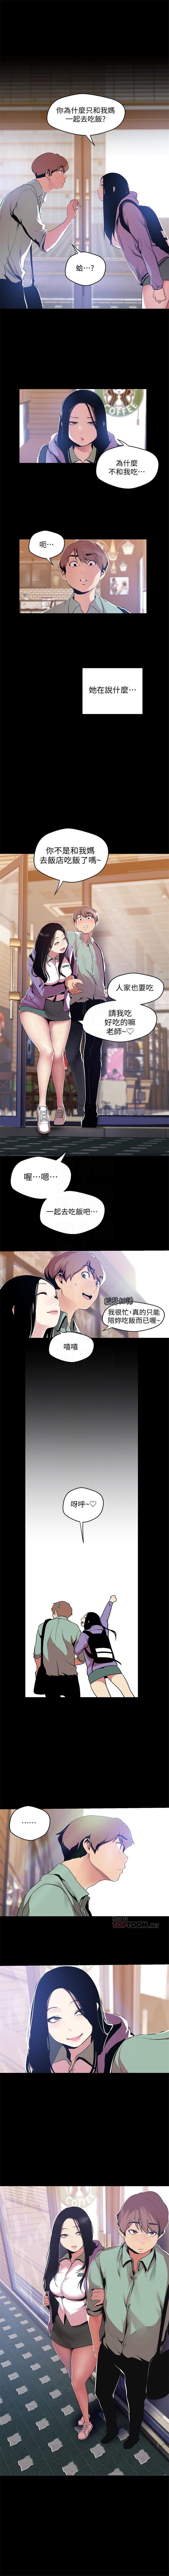 (周6)美丽新世界 1-61 中文翻译 (更新中) 444